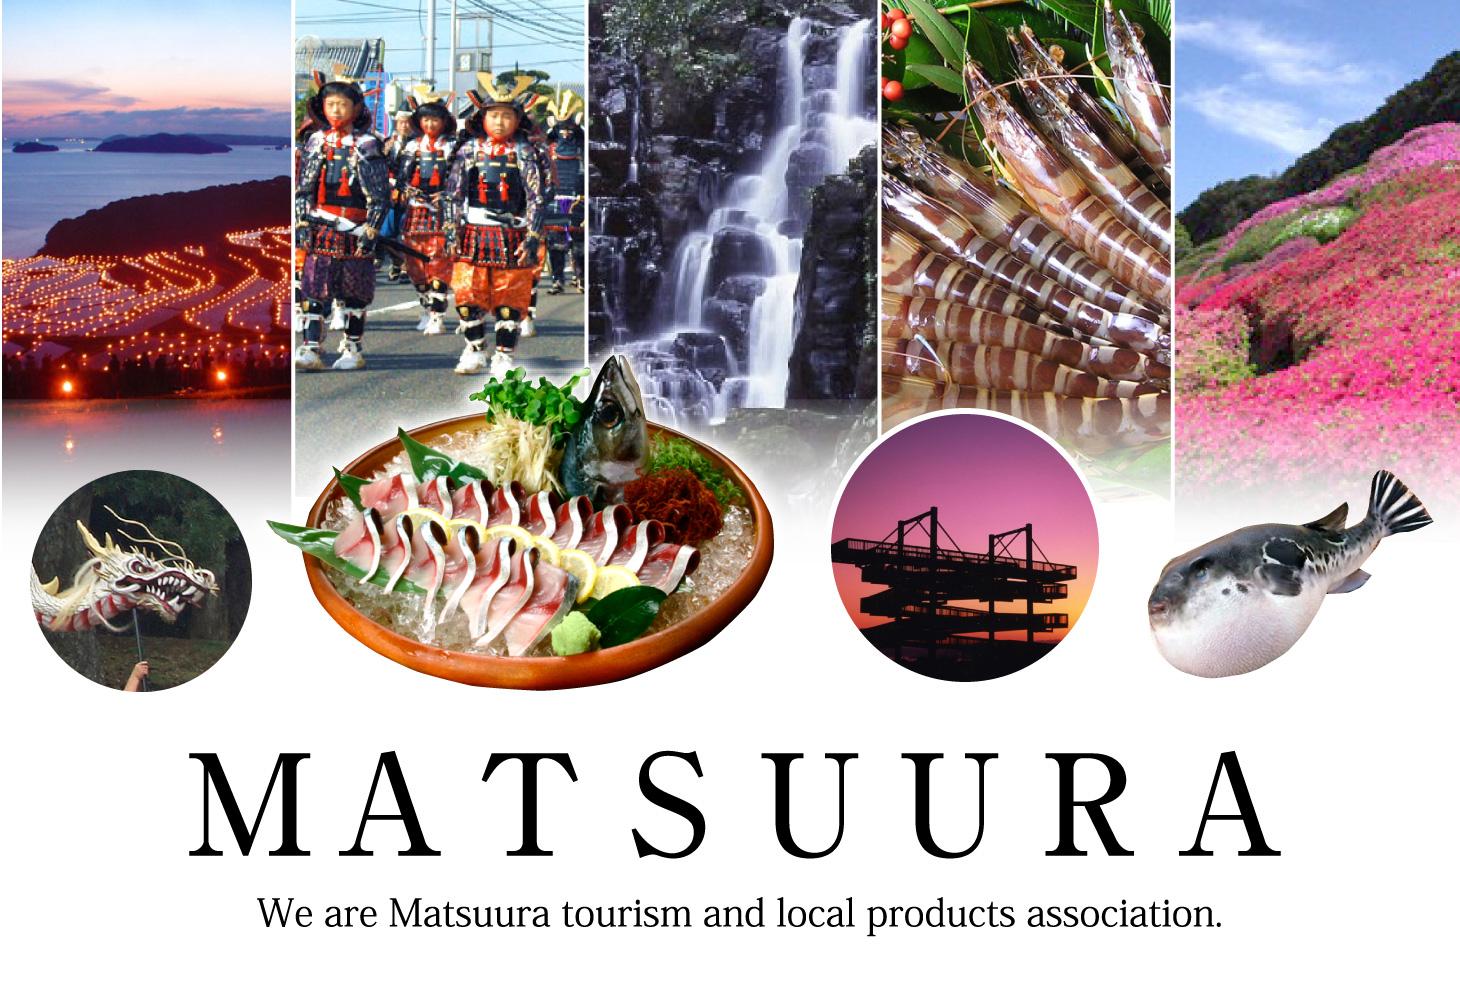 私たちは、松浦の観光や地場産品協会です。